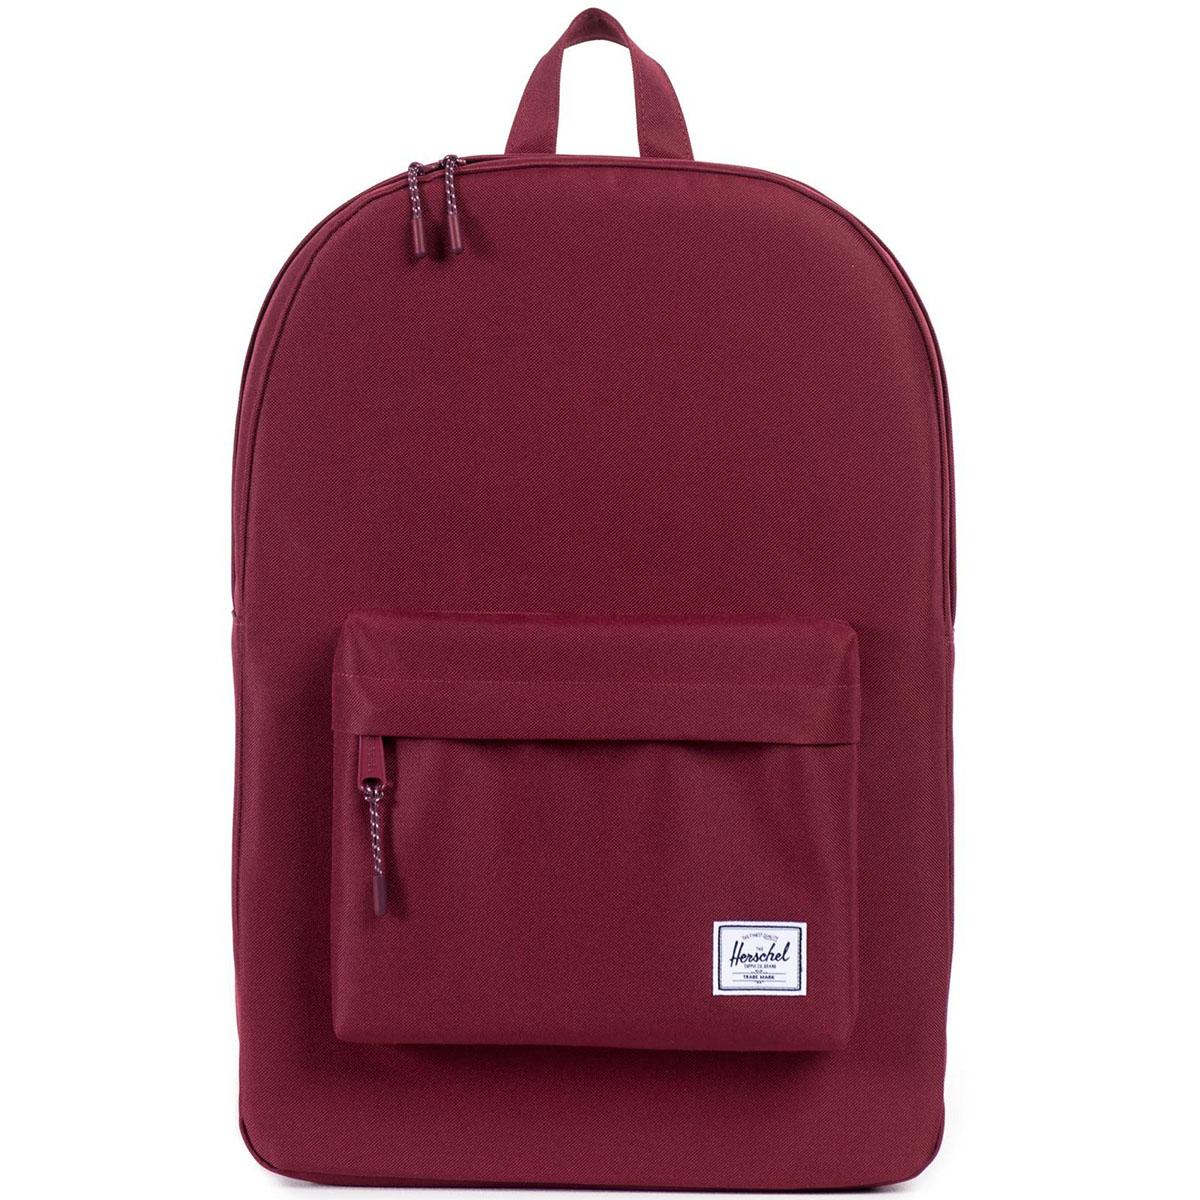 Рюкзак городской Herschel Classic (A/S), цвет: бордовый. 828432064618828432064618Рюкзак Herschel Classic целиком и полностью оправдывает свое название, выражая совершенство в лаконичных и идеальных линиях. Этот рюкзак создан для любых целей и поездок и отлично впишется в абсолютно любой стиль.